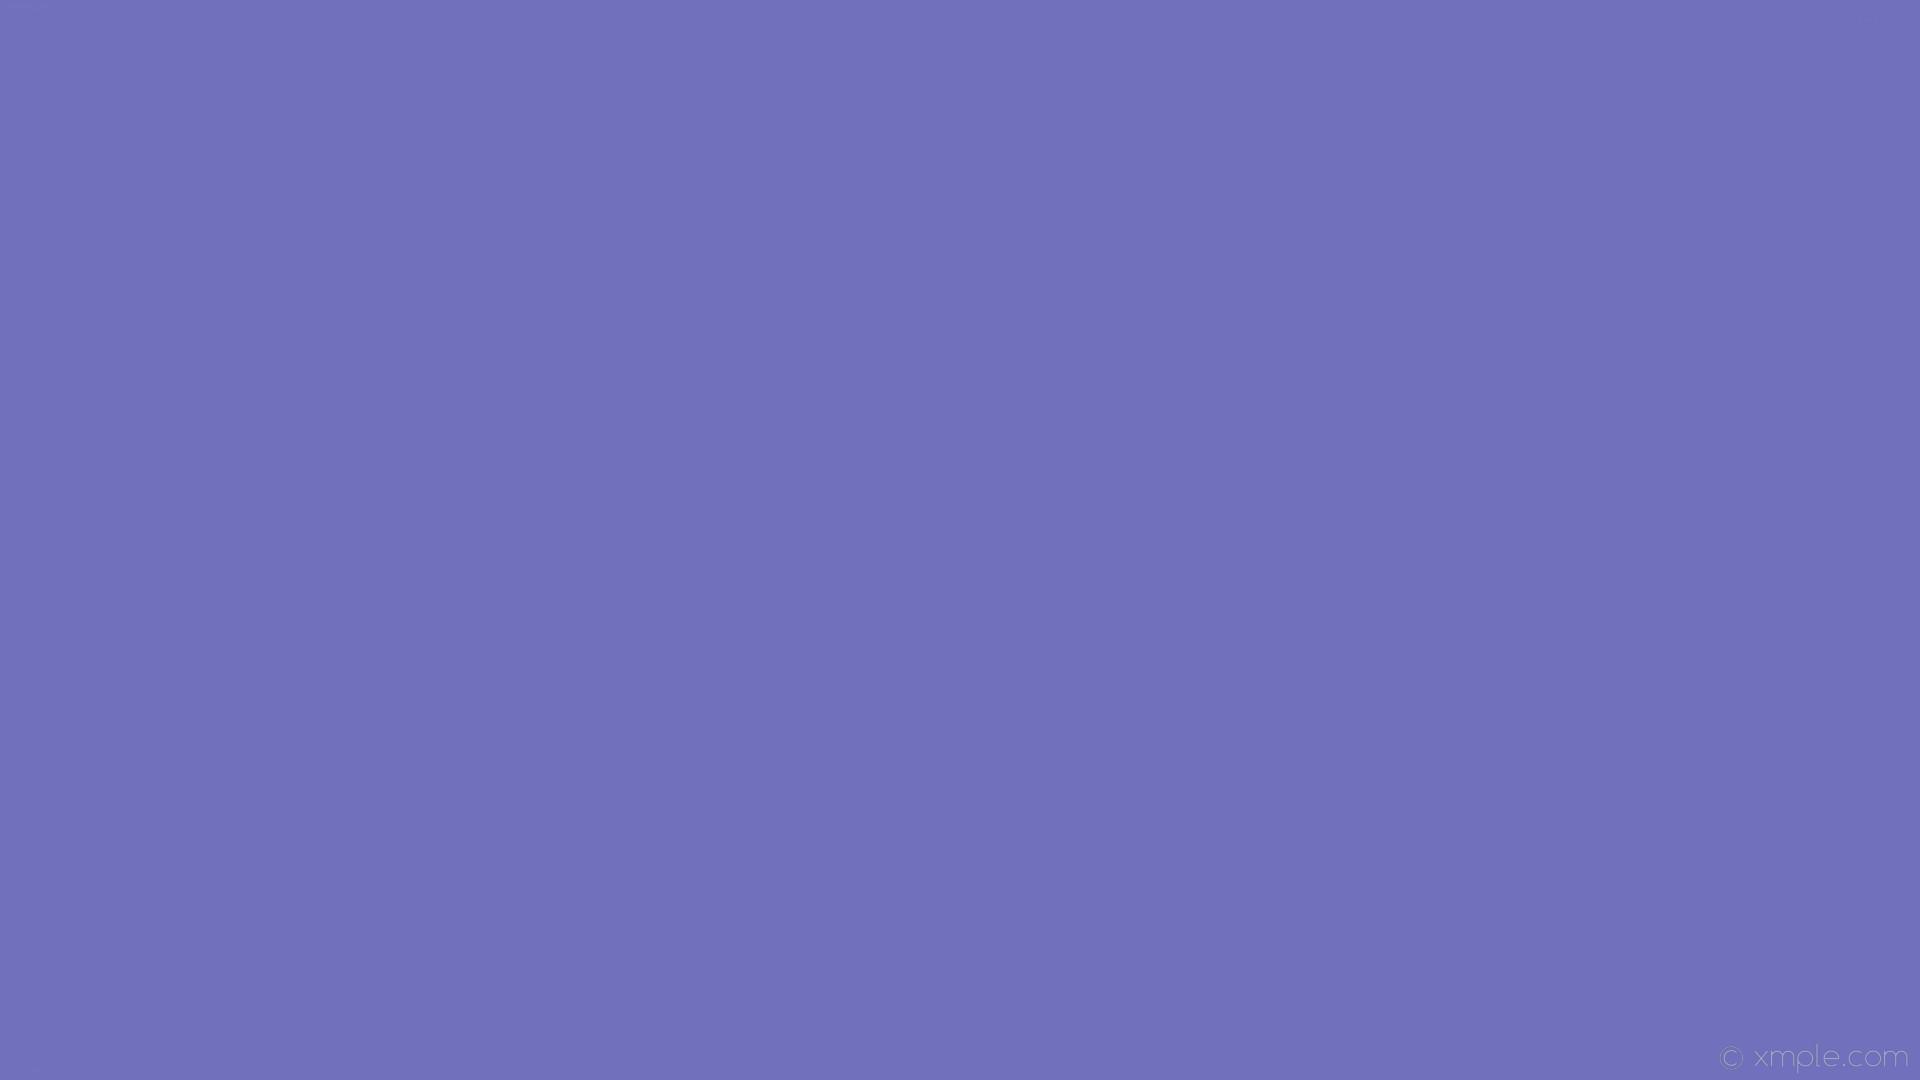 wallpaper blue plain solid color single one colour #7070bd